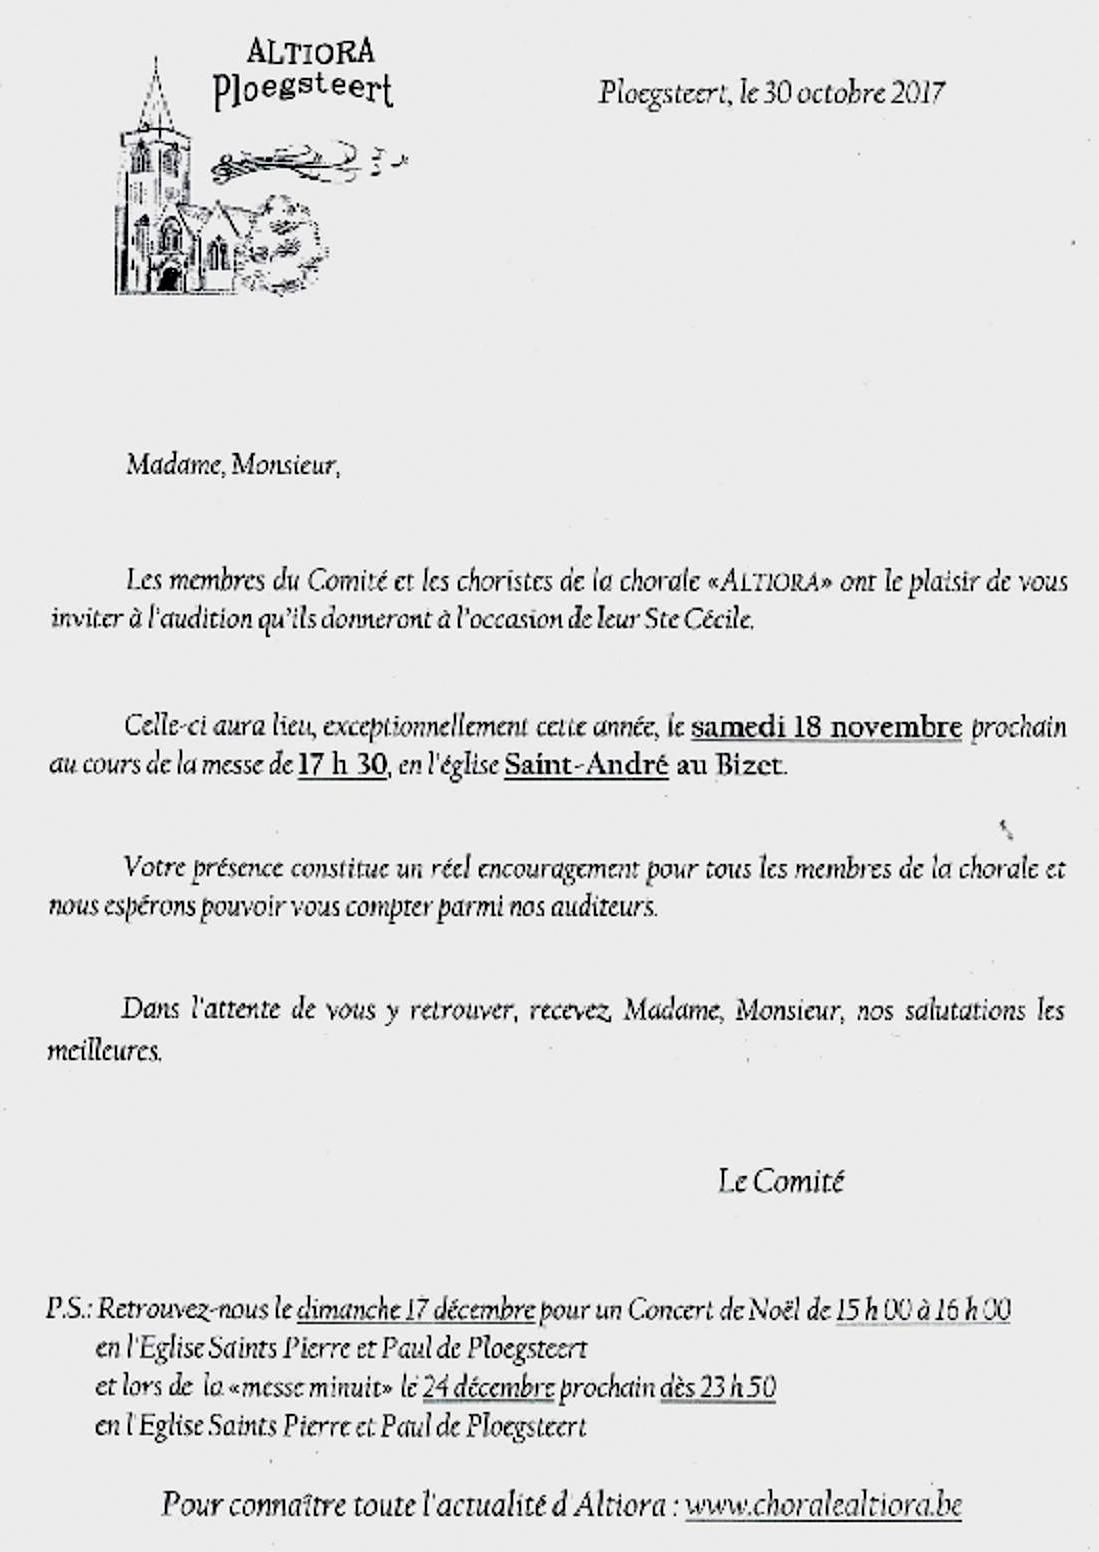 ALTIORA Sainte Cécile samedi 18 novembre